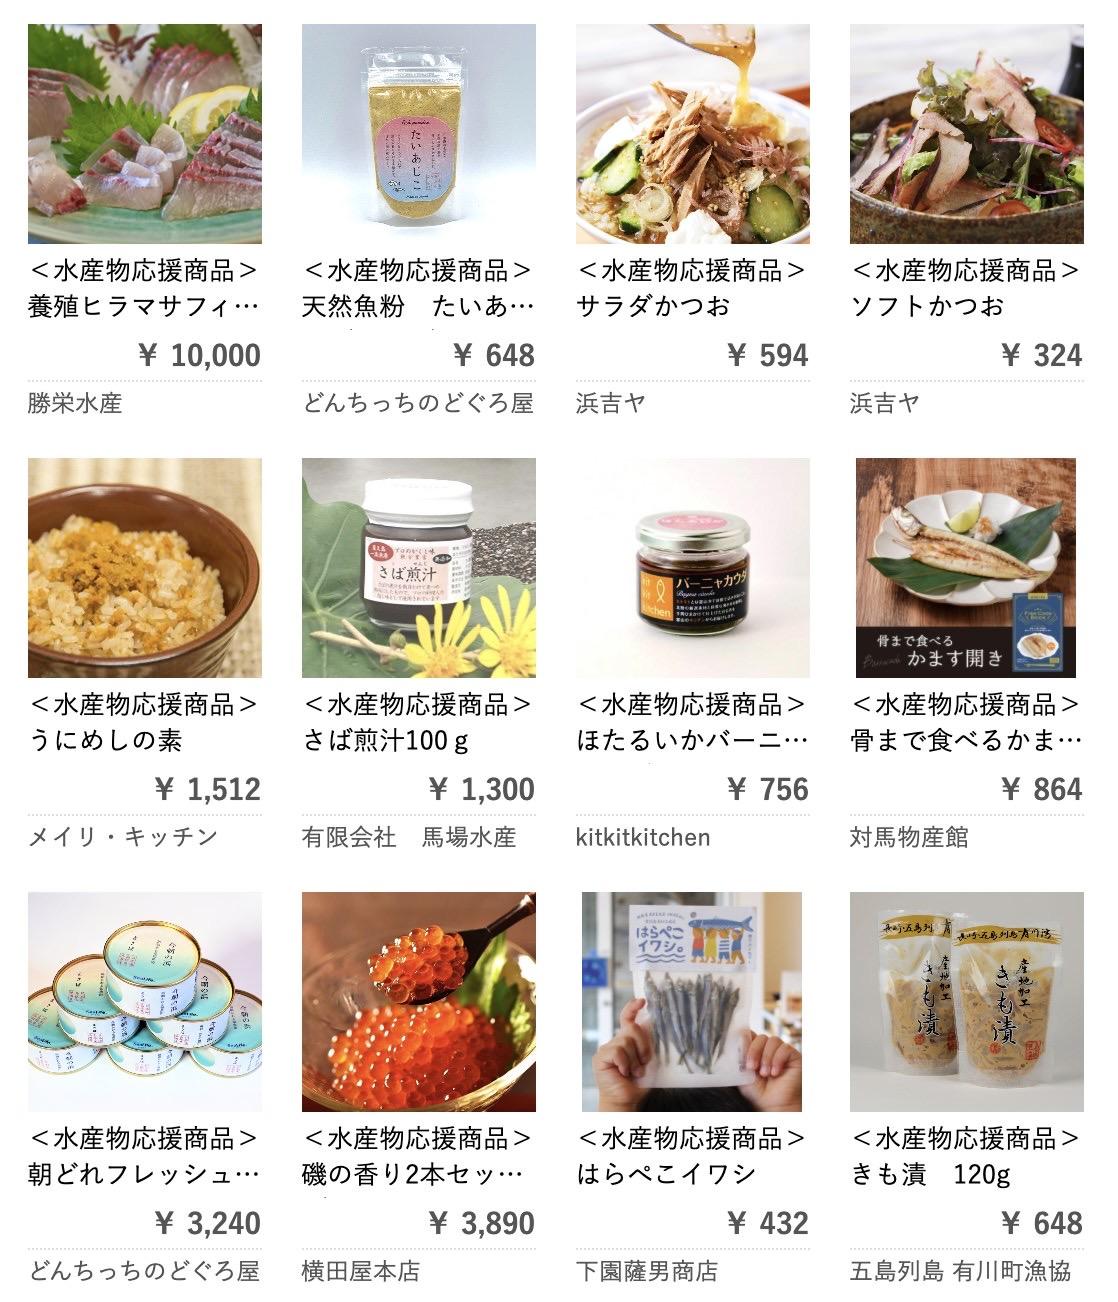 Kuzefuku e shop 202012 2